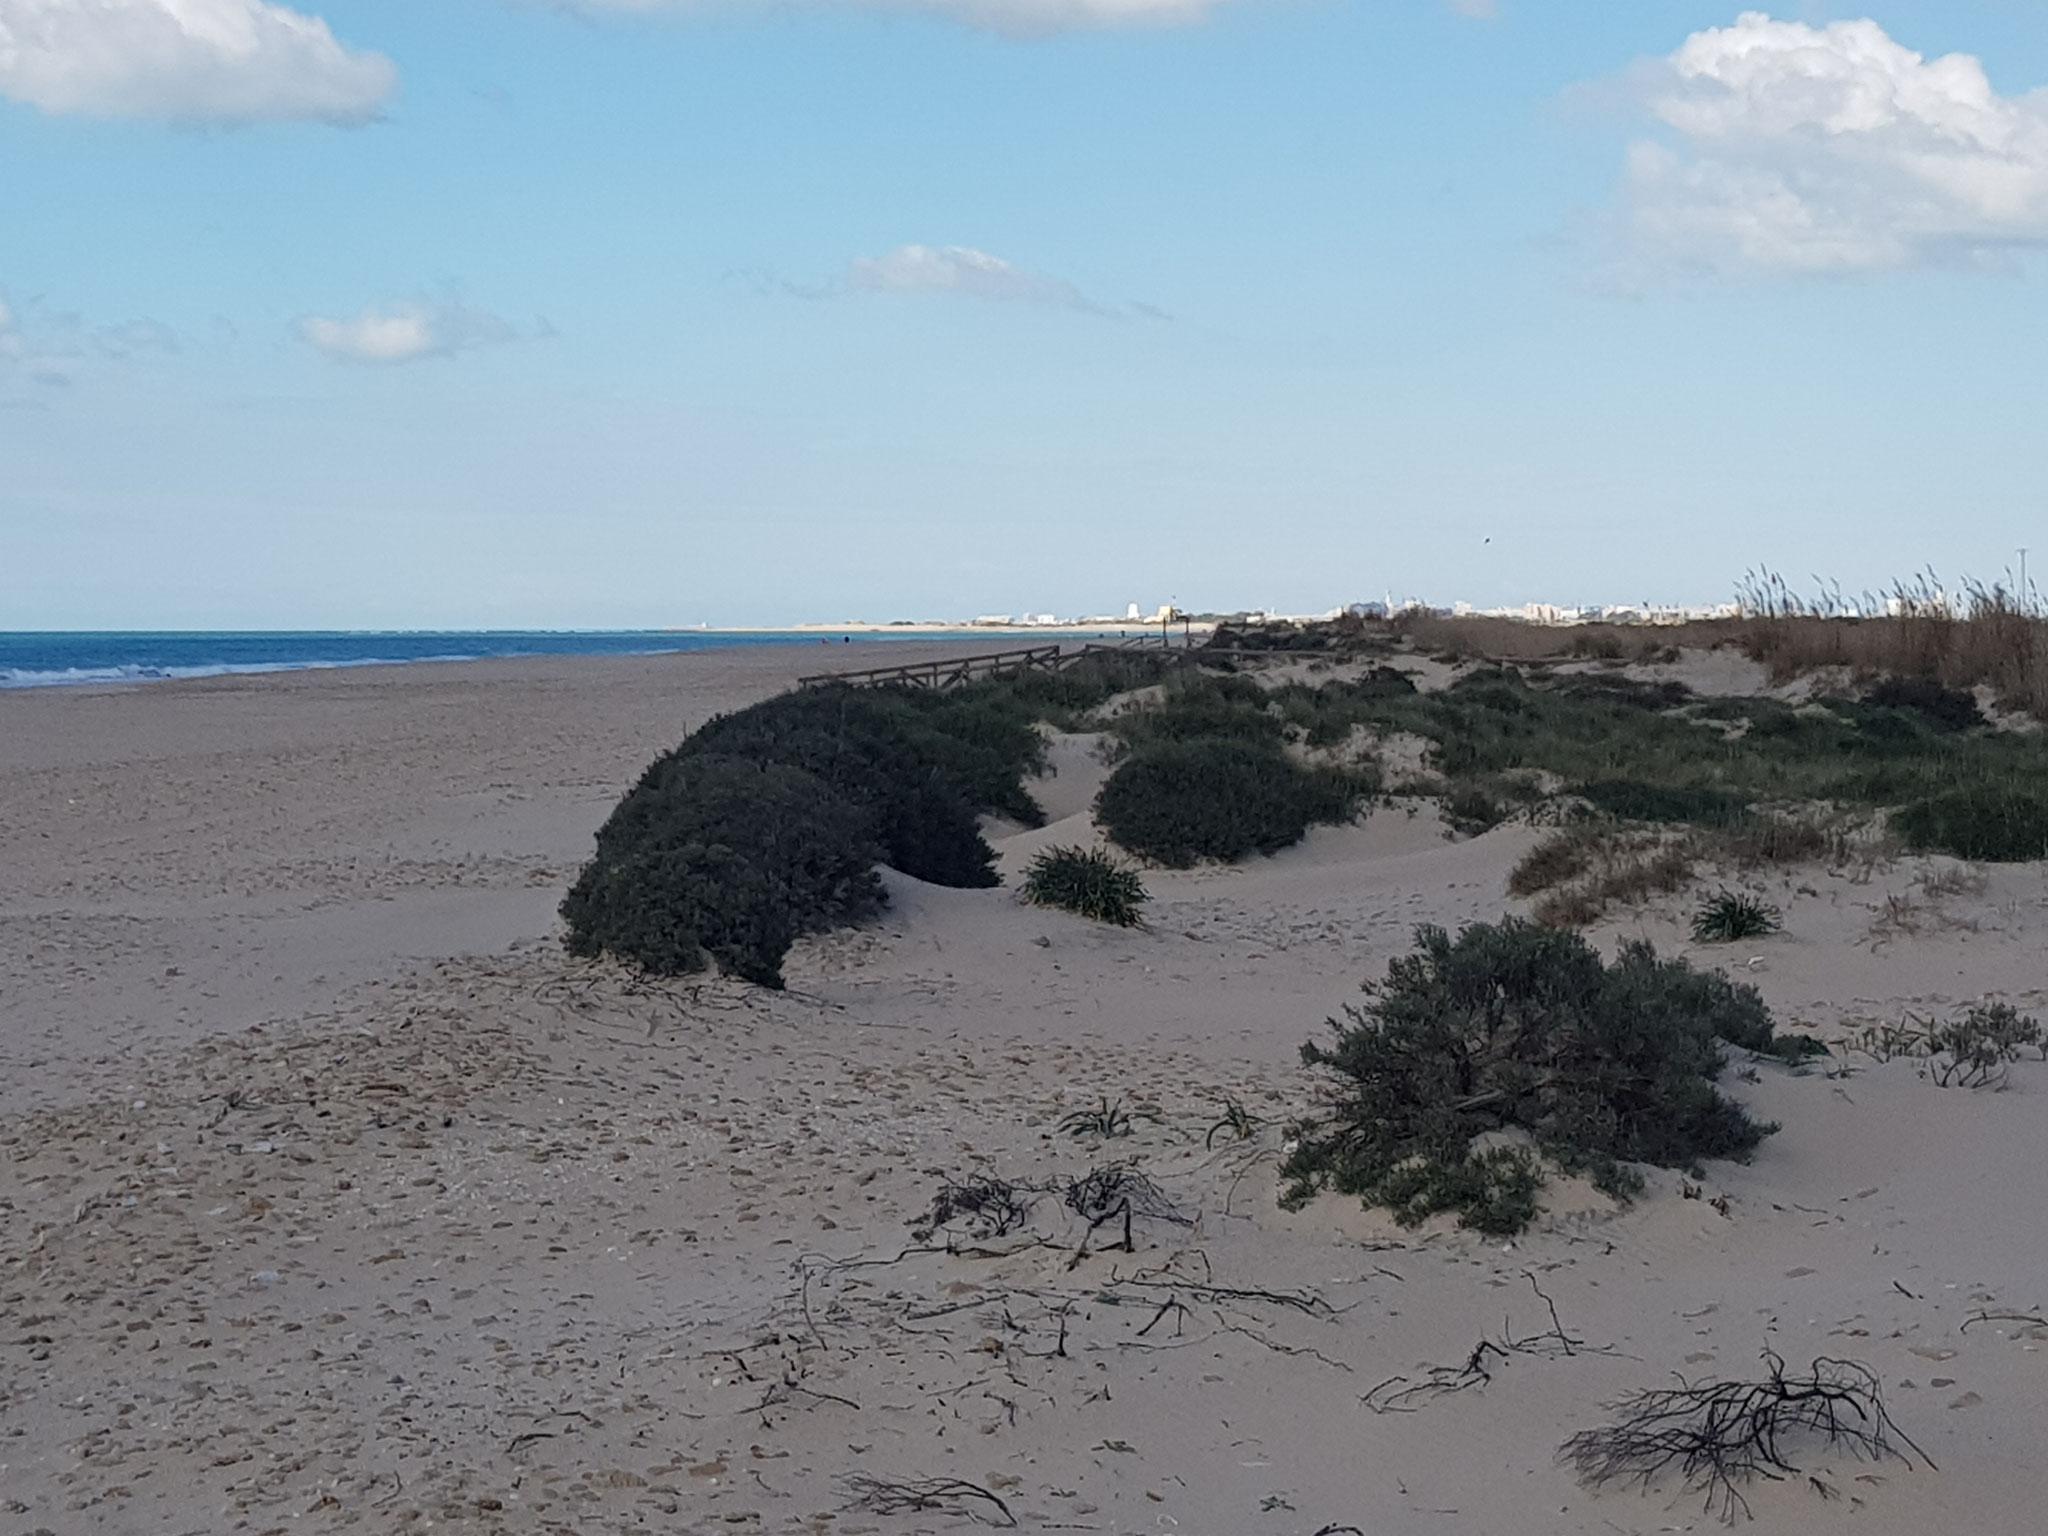 im Hintergrund am Horizont ist Cadiz zu erkennen